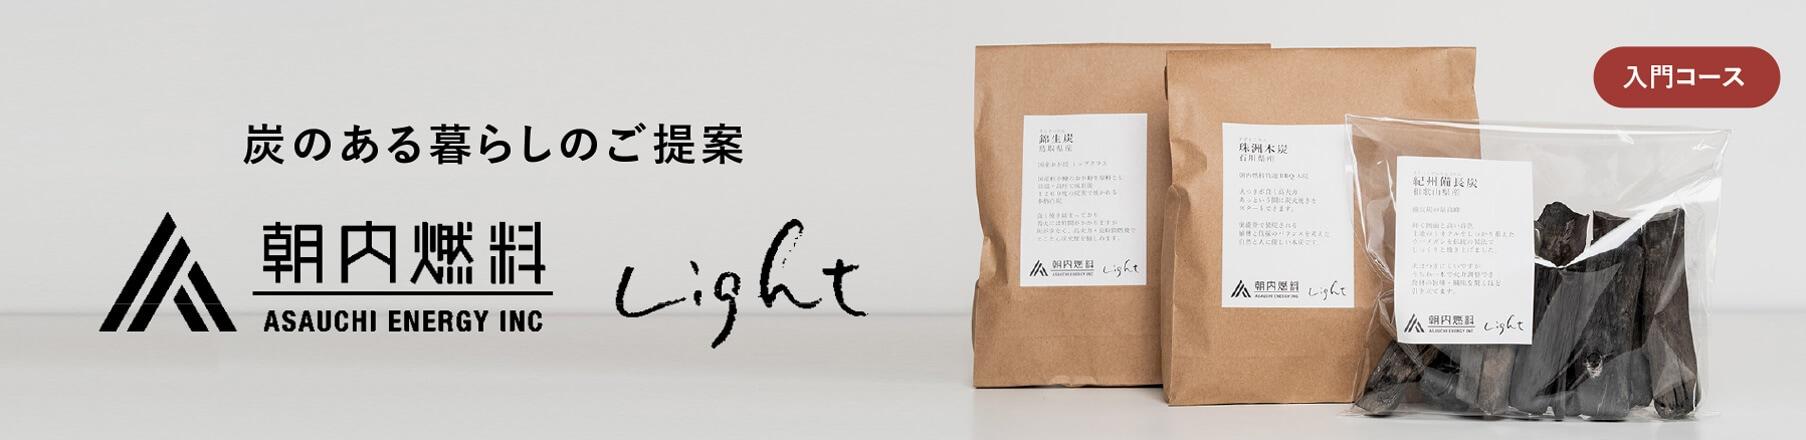 朝内燃料Light